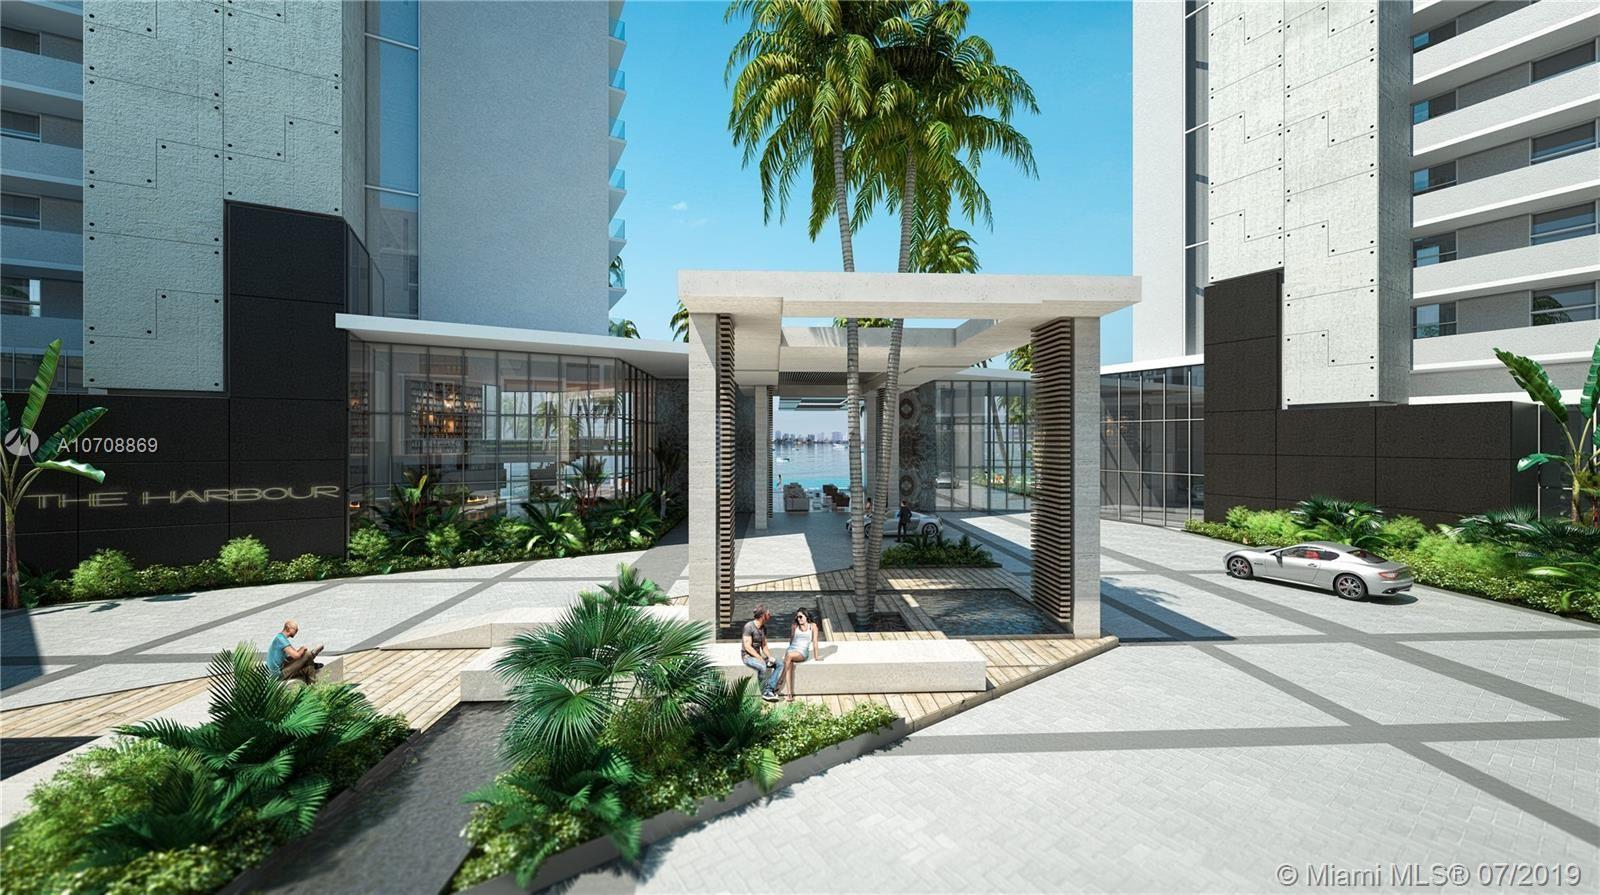 16385 biscayne Blvd #218, North Miami Beach, FL 33160 - MLS#: A10708869